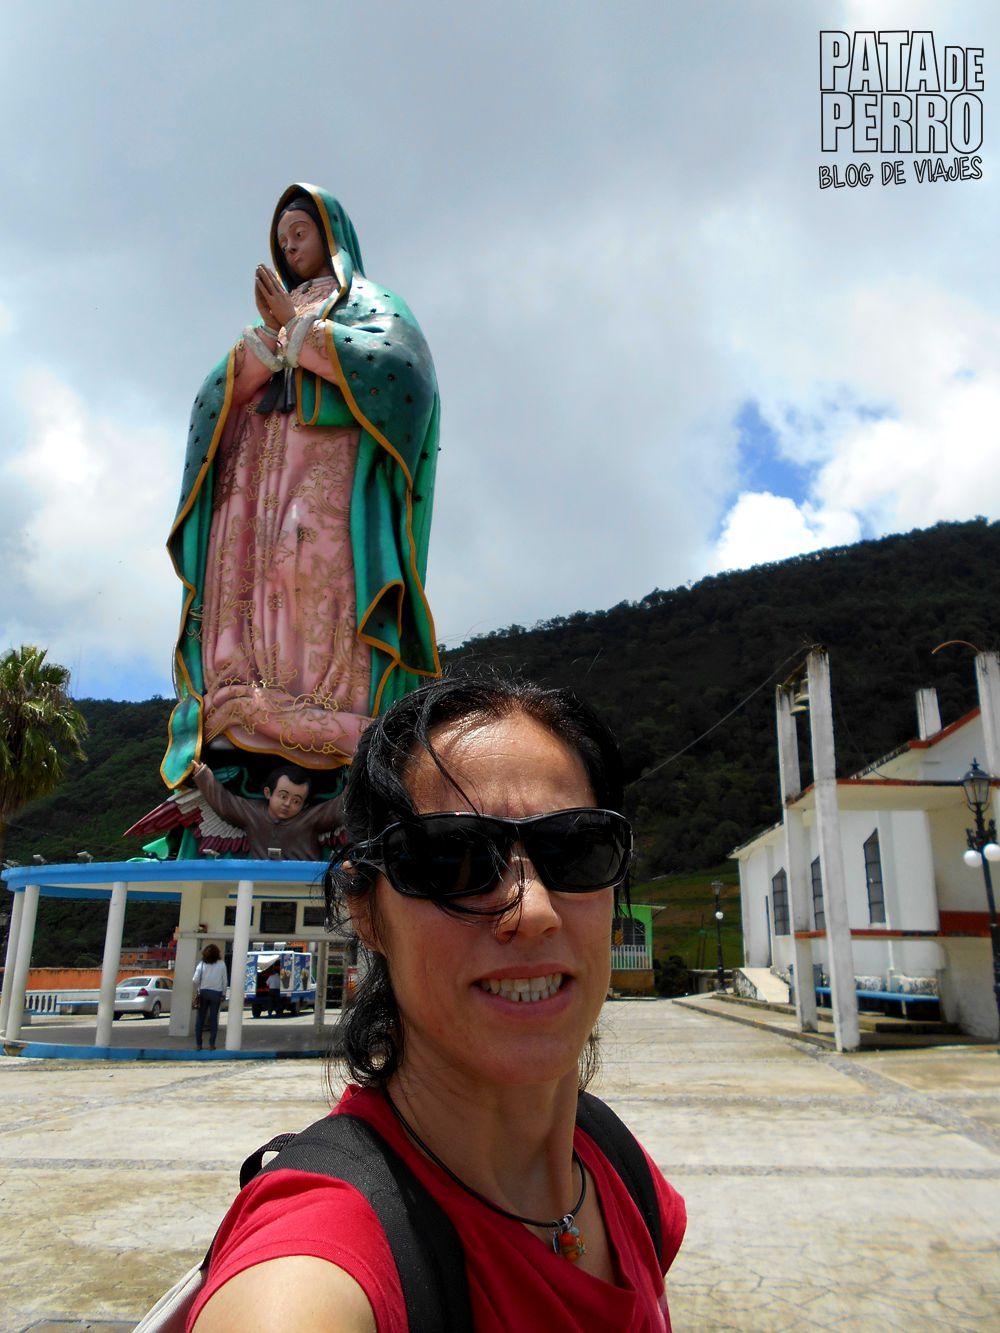 xicotepec puebla con isi virgen gigante mexico pata de perro blog de viajes04